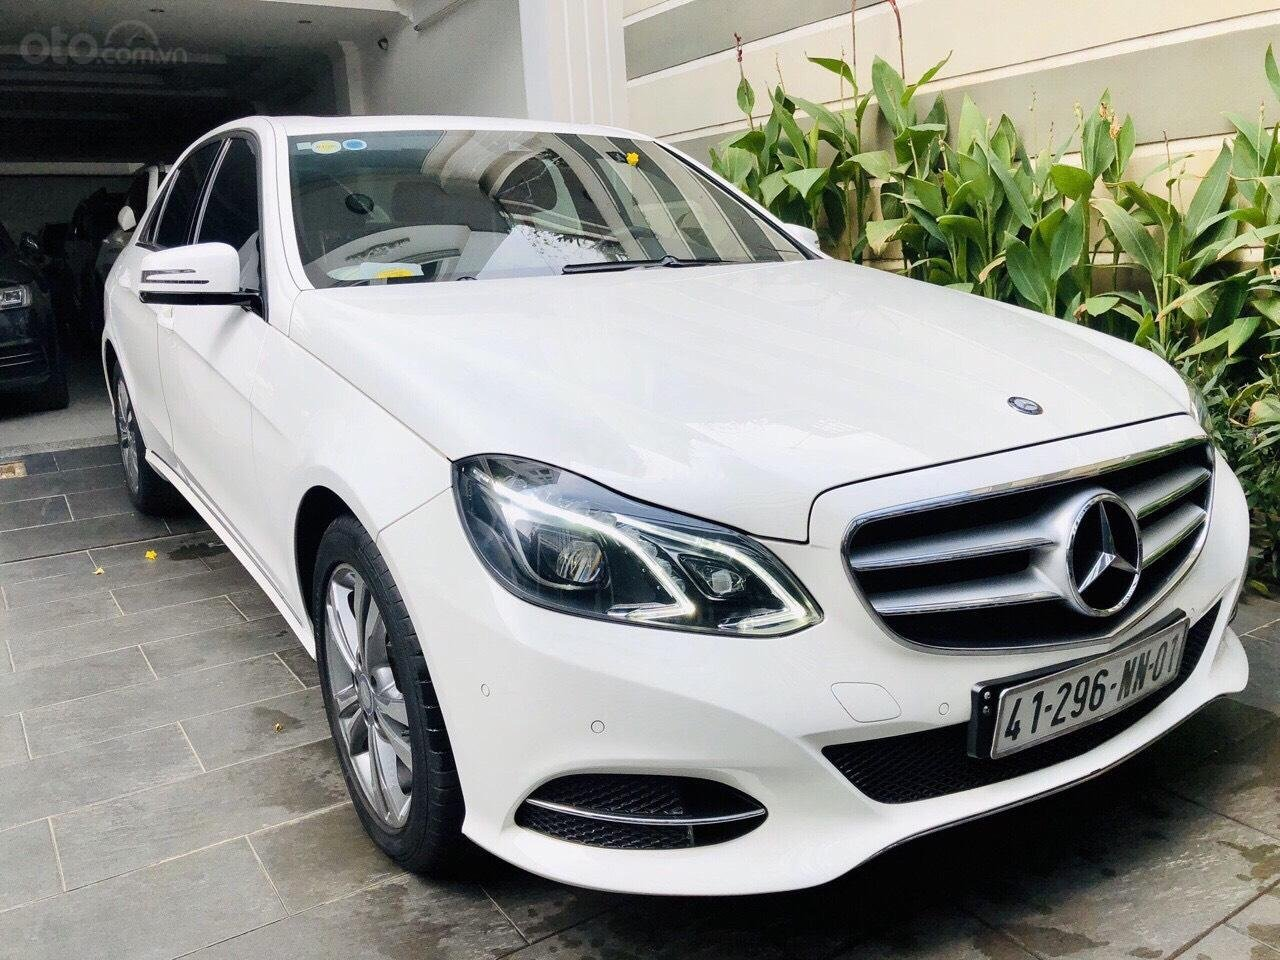 Bán E250 sản xuất 2014 xe trắng nội thất nâu hàng hiếm đi đúng 24.000km xe đẹp, BHVC đến 2020 bao kiểm tra hãng (1)